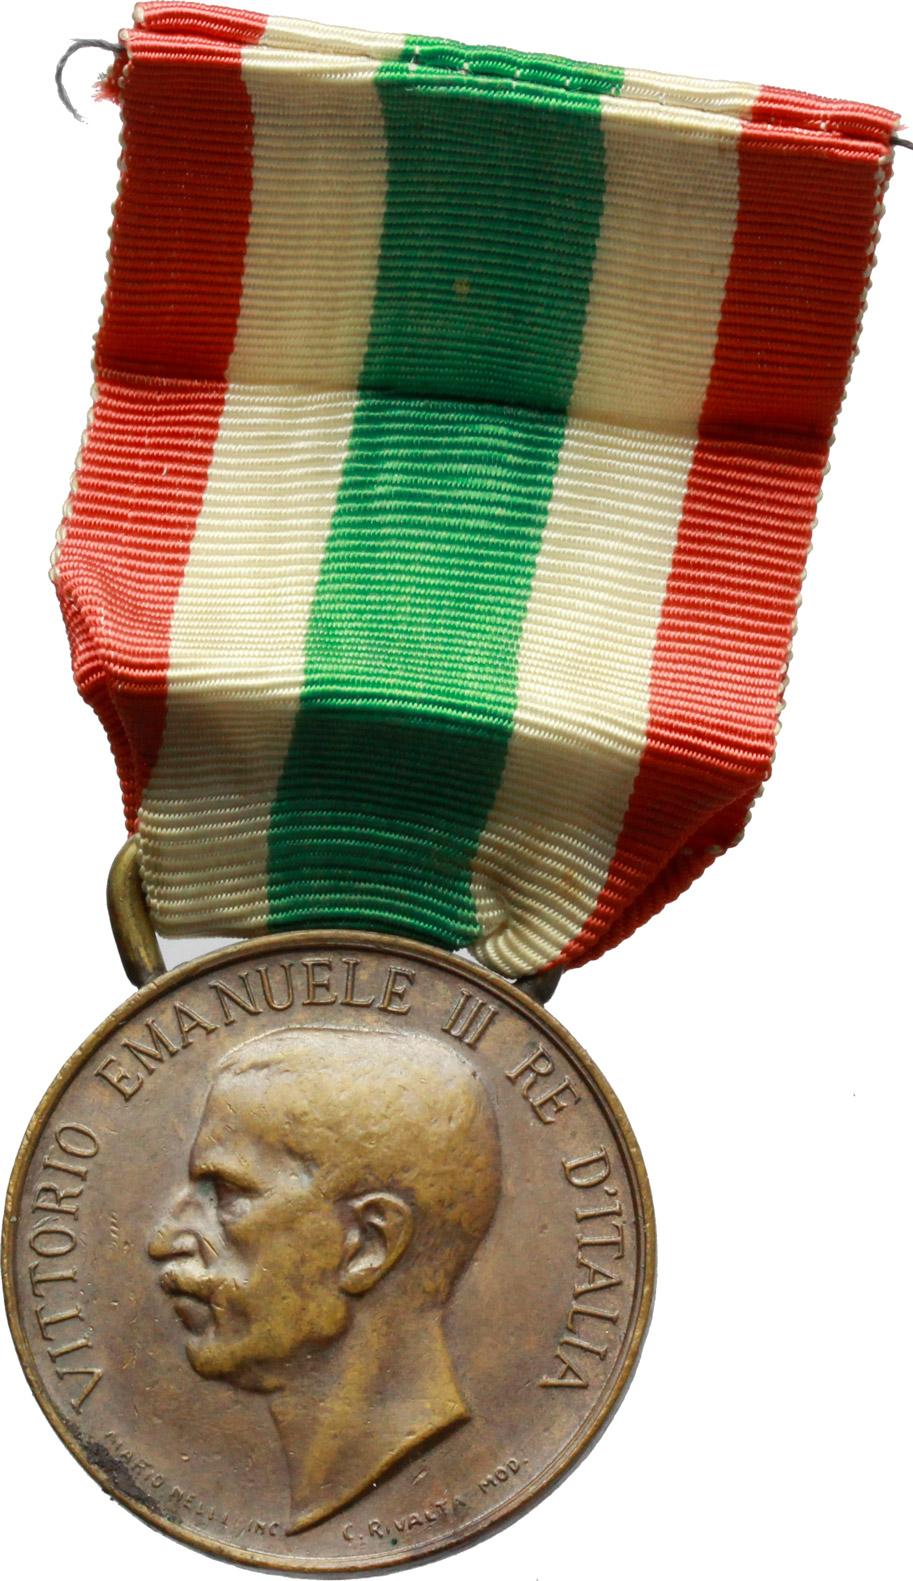 D/ Vittorio Emanuele III (1900-1943). Medaglia con nastrino tricolore. Ass. Naz. madri e vedove dei caduti, per i 70 anni dell'Unità d'Italia, 1848-1918.     AE.   mm. 32.00    BB/qSPL.